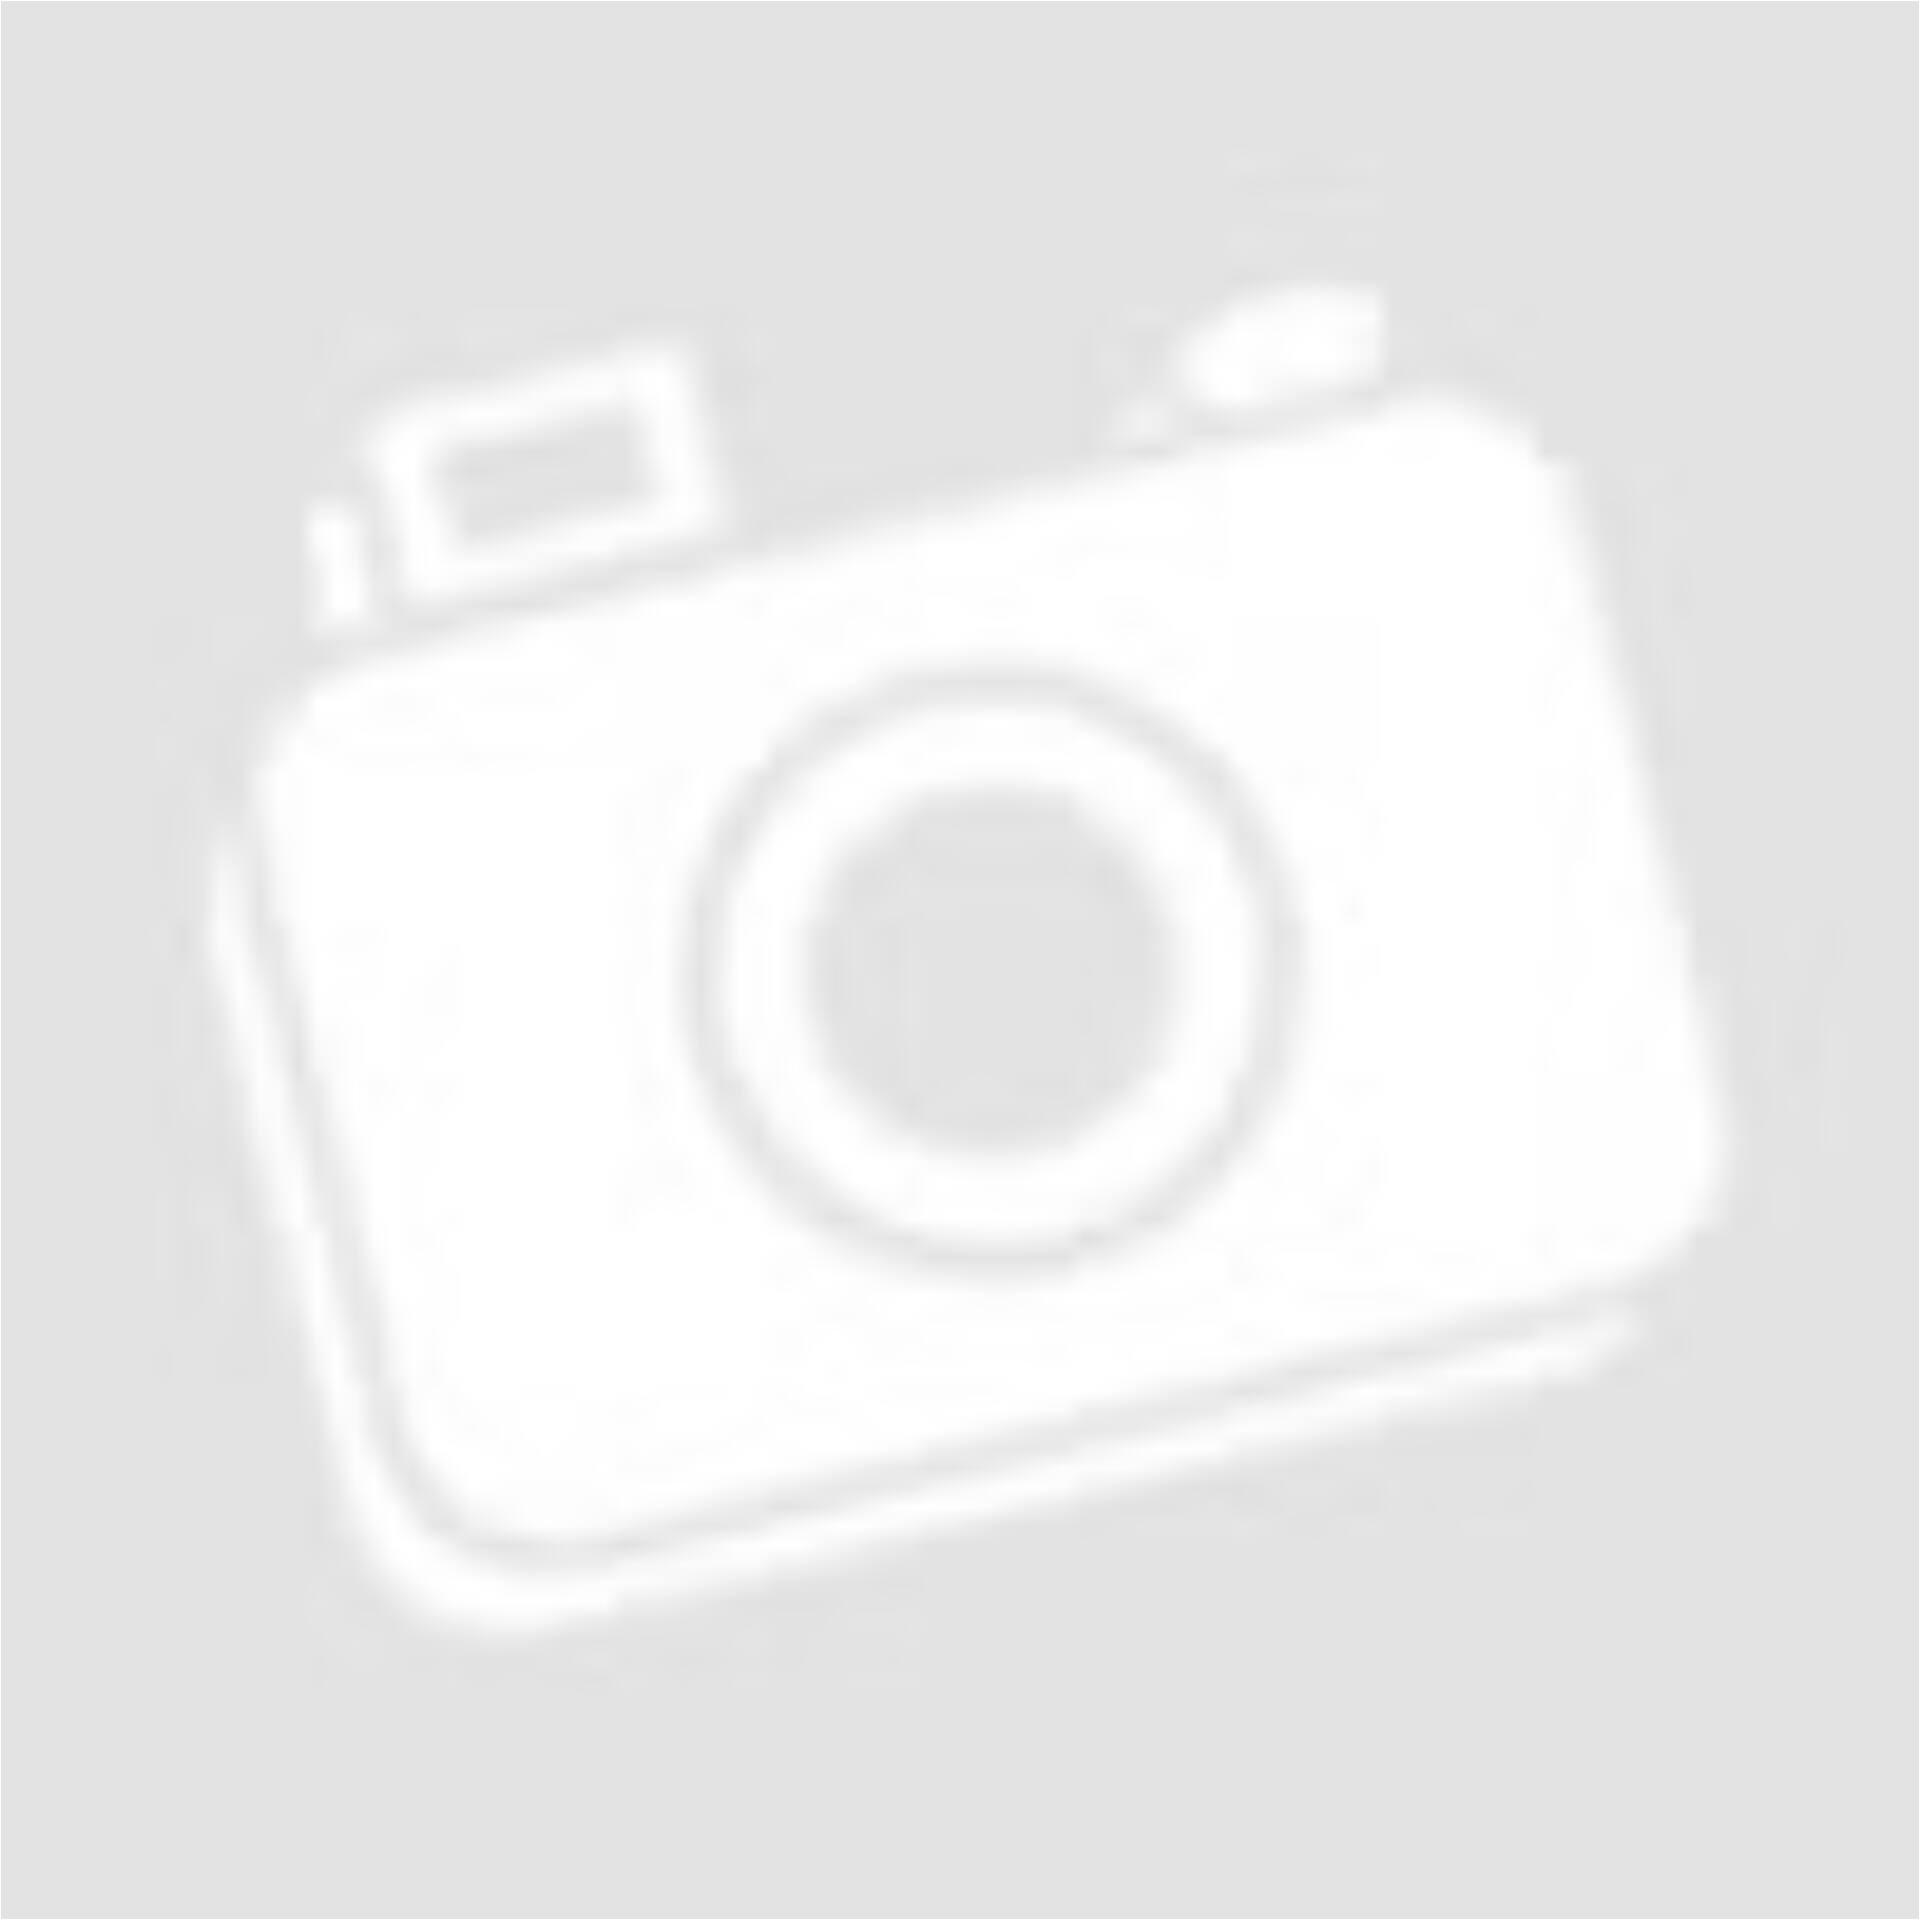 Kép 1 2 - PROMISS fekete színű cikk-cakk mintás vékony nadrág (Méret  L) 1b1a207c33